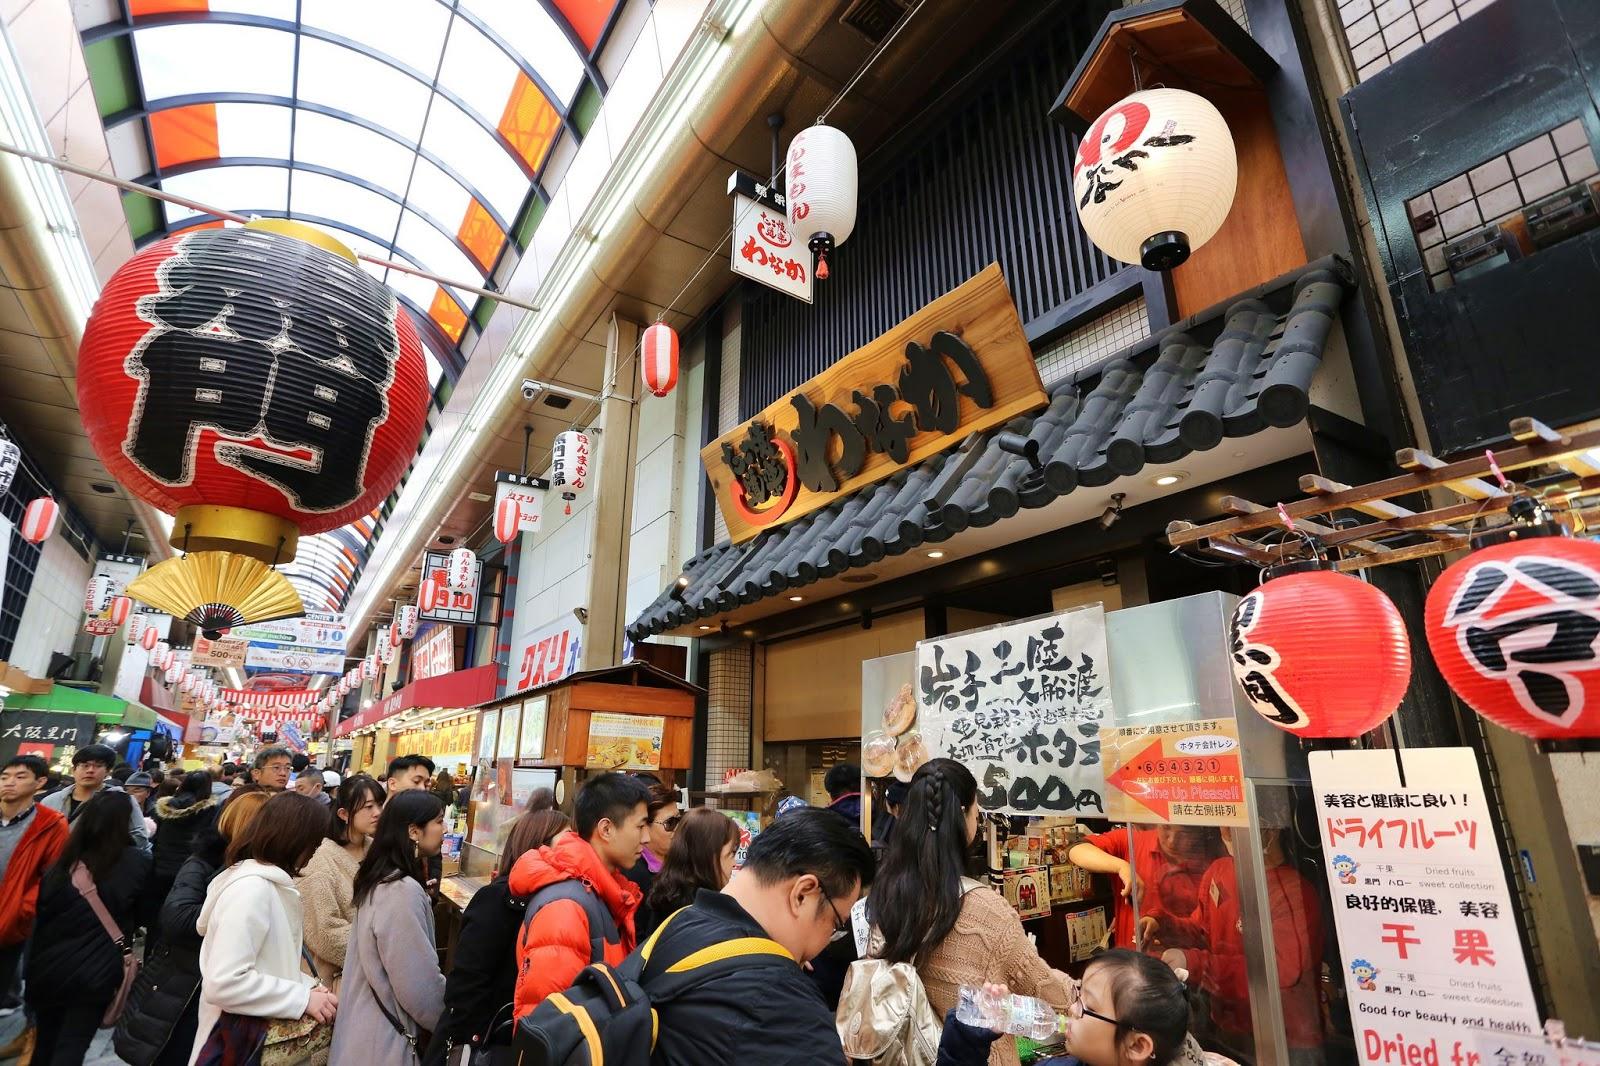 大阪-大阪景點-推薦-黑門市場-Kuromon-Ichiba-Market-逛街-購物-自由行-大阪必遊景點-大阪必去景點-大阪旅遊景點-觀光-行程-日本-osaka-tourist-attraction-travel